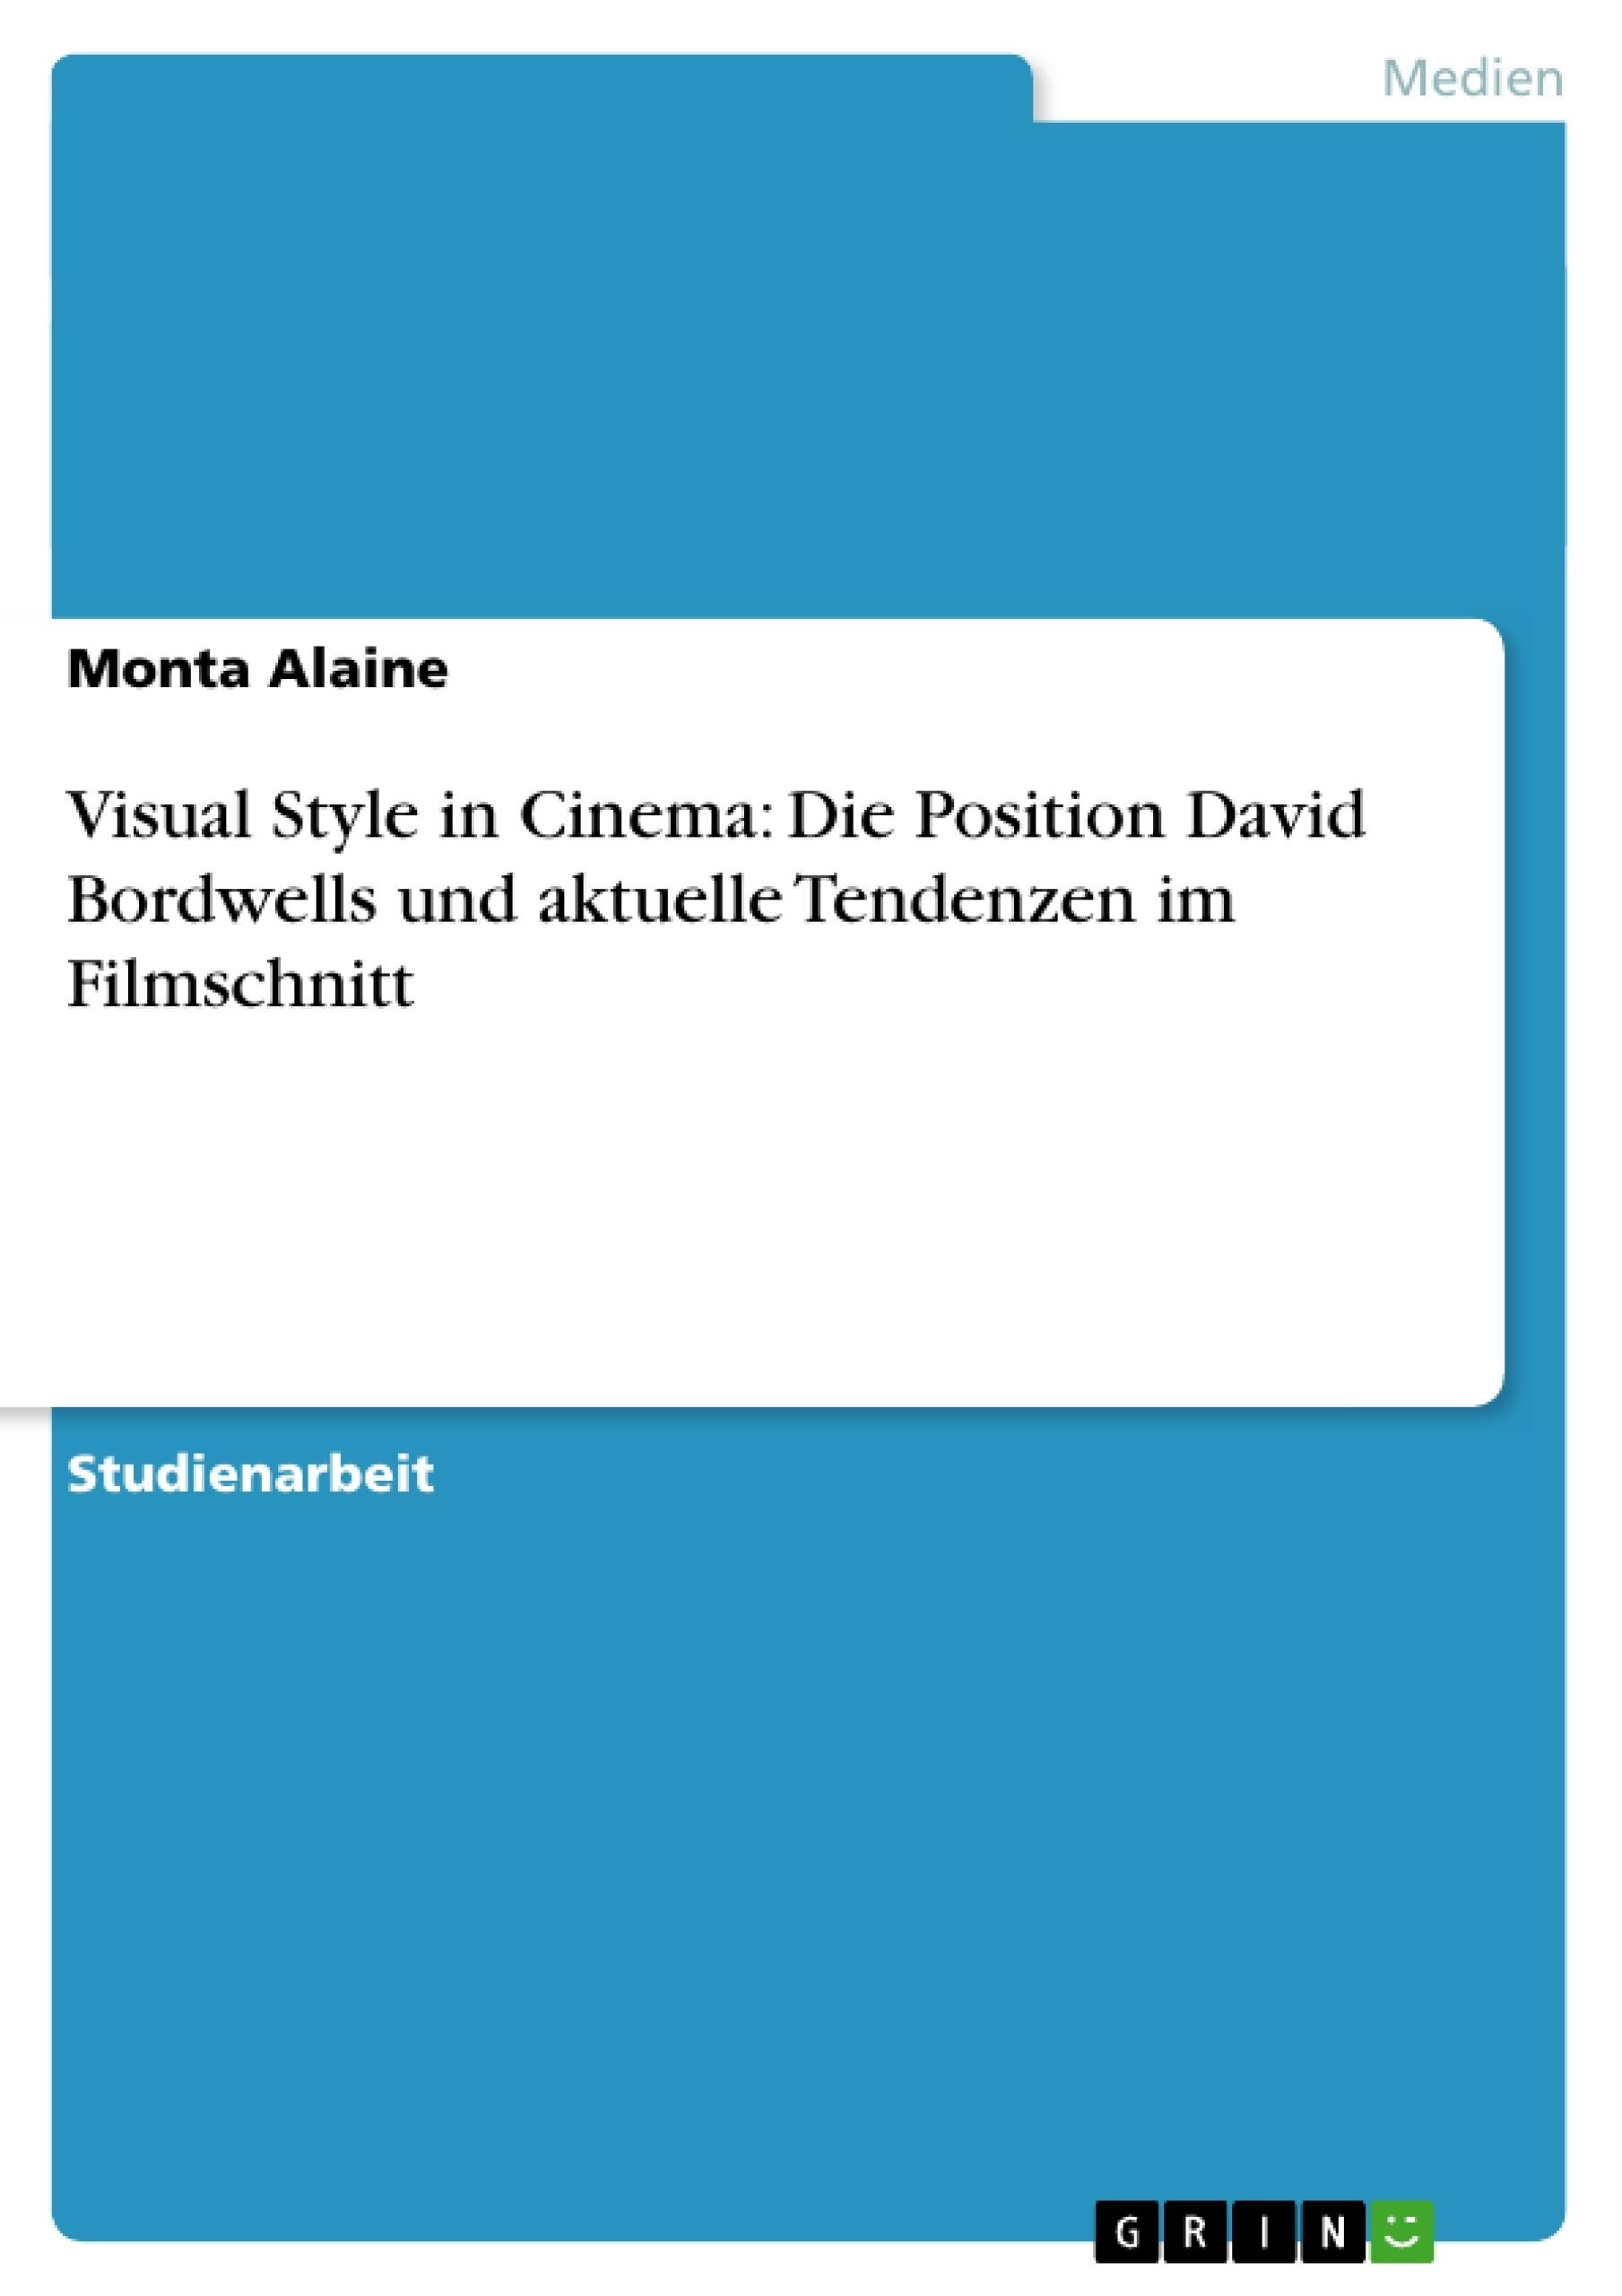 Titel: Visual Style in Cinema: Die Position David Bordwells und aktuelle Tendenzen im Filmschnitt